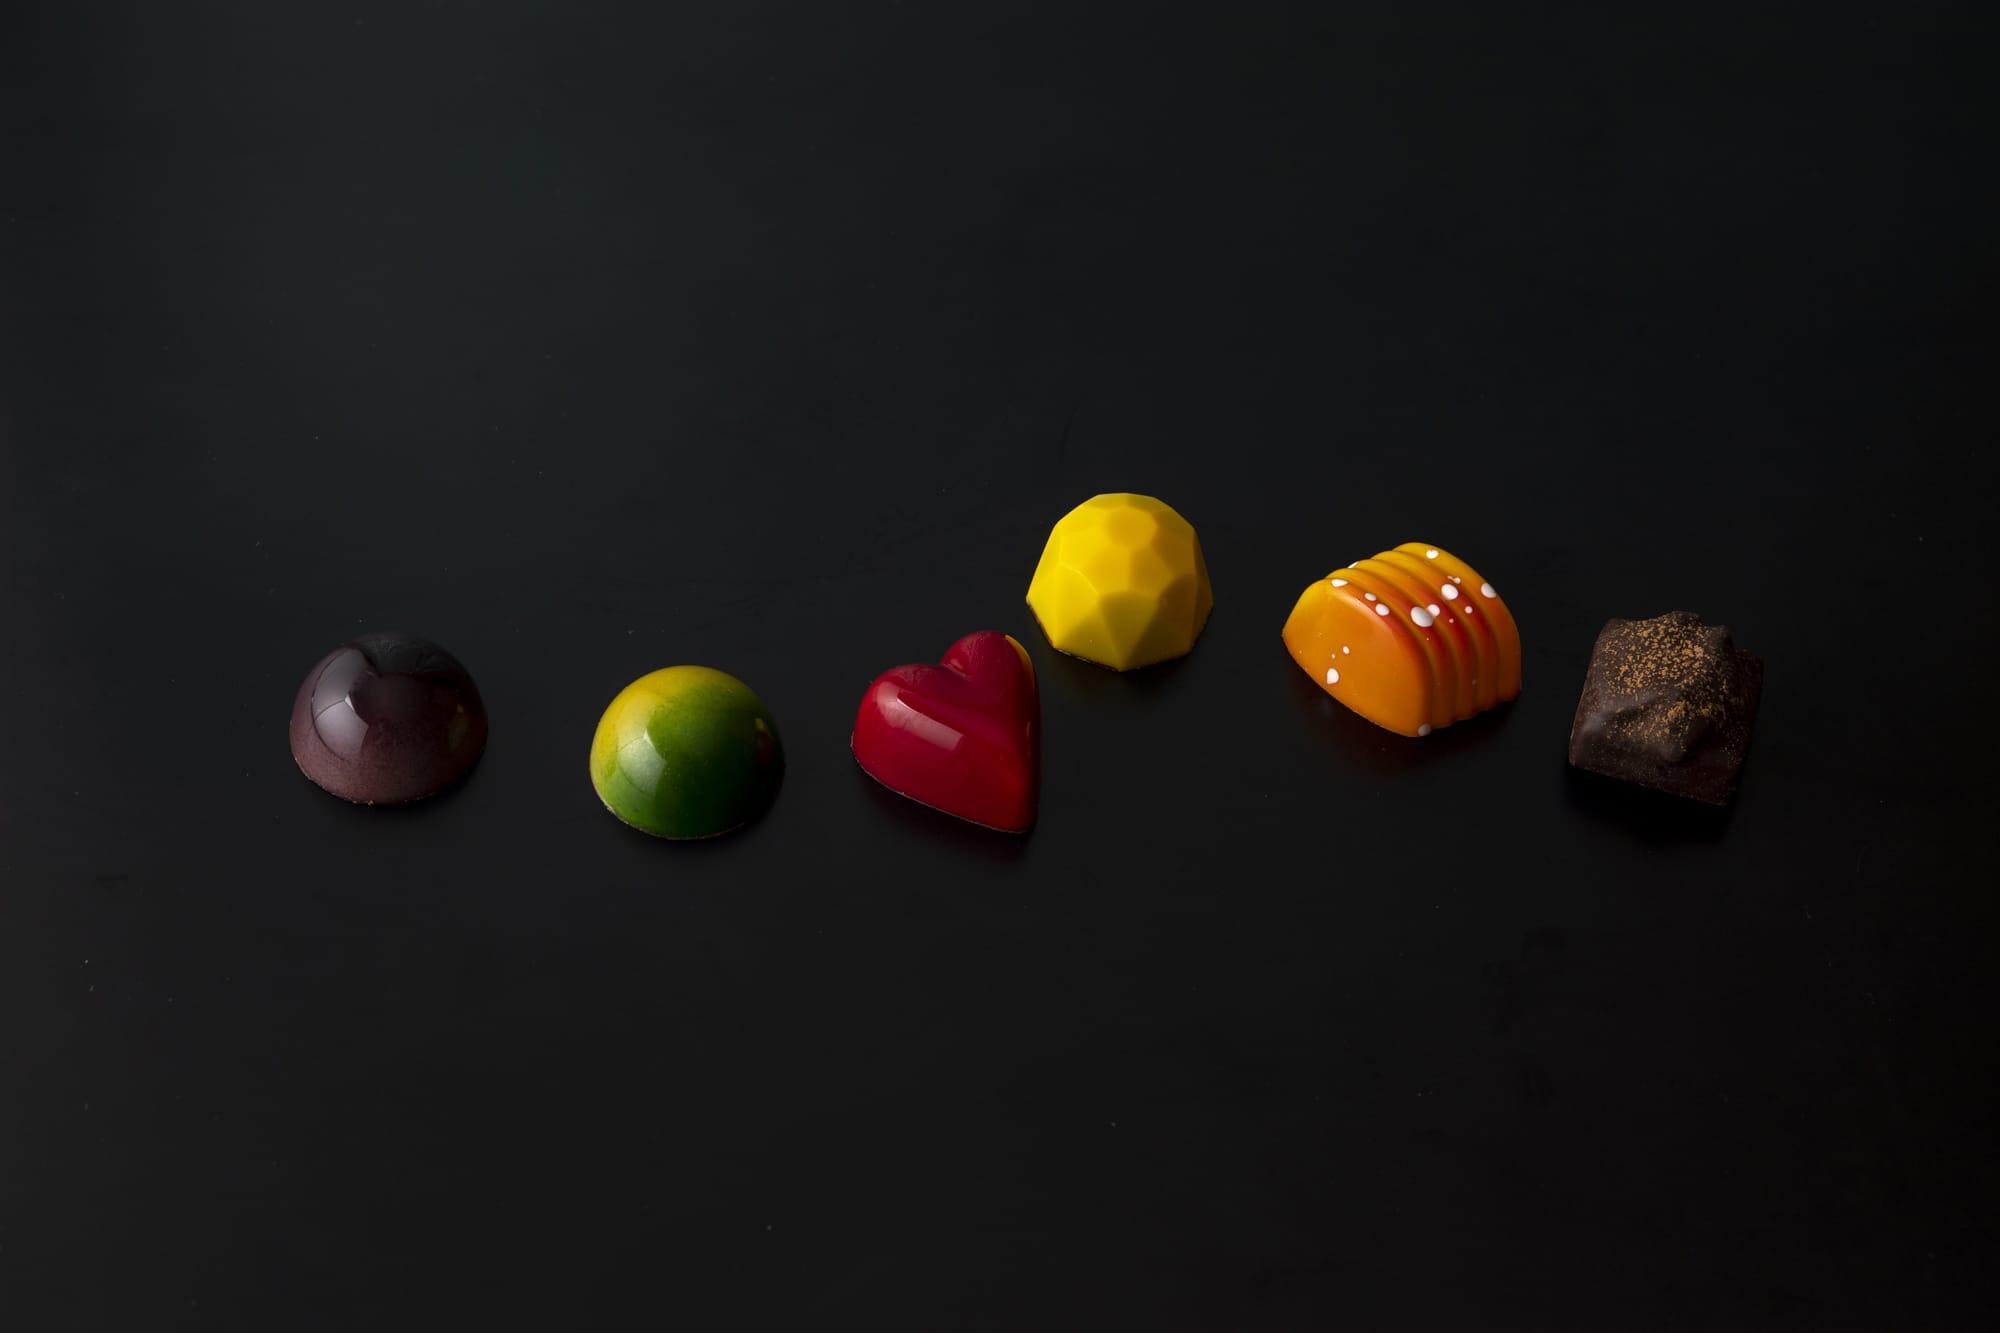 ベルギーのチョコレートは、モールド(型)を使ったものが主流。中にはフレッシュ感のあるガナッシュが詰められている。左から、ブルーベリー&カシスの「ヴィオレ」、「ライムジンジャー」、「フランボワーズ」、「パッション」、「オレンジ」、ベルギーを代表するスパイスクッキーを入れた「スペキュロス・プリュノー」。各223円(税別)